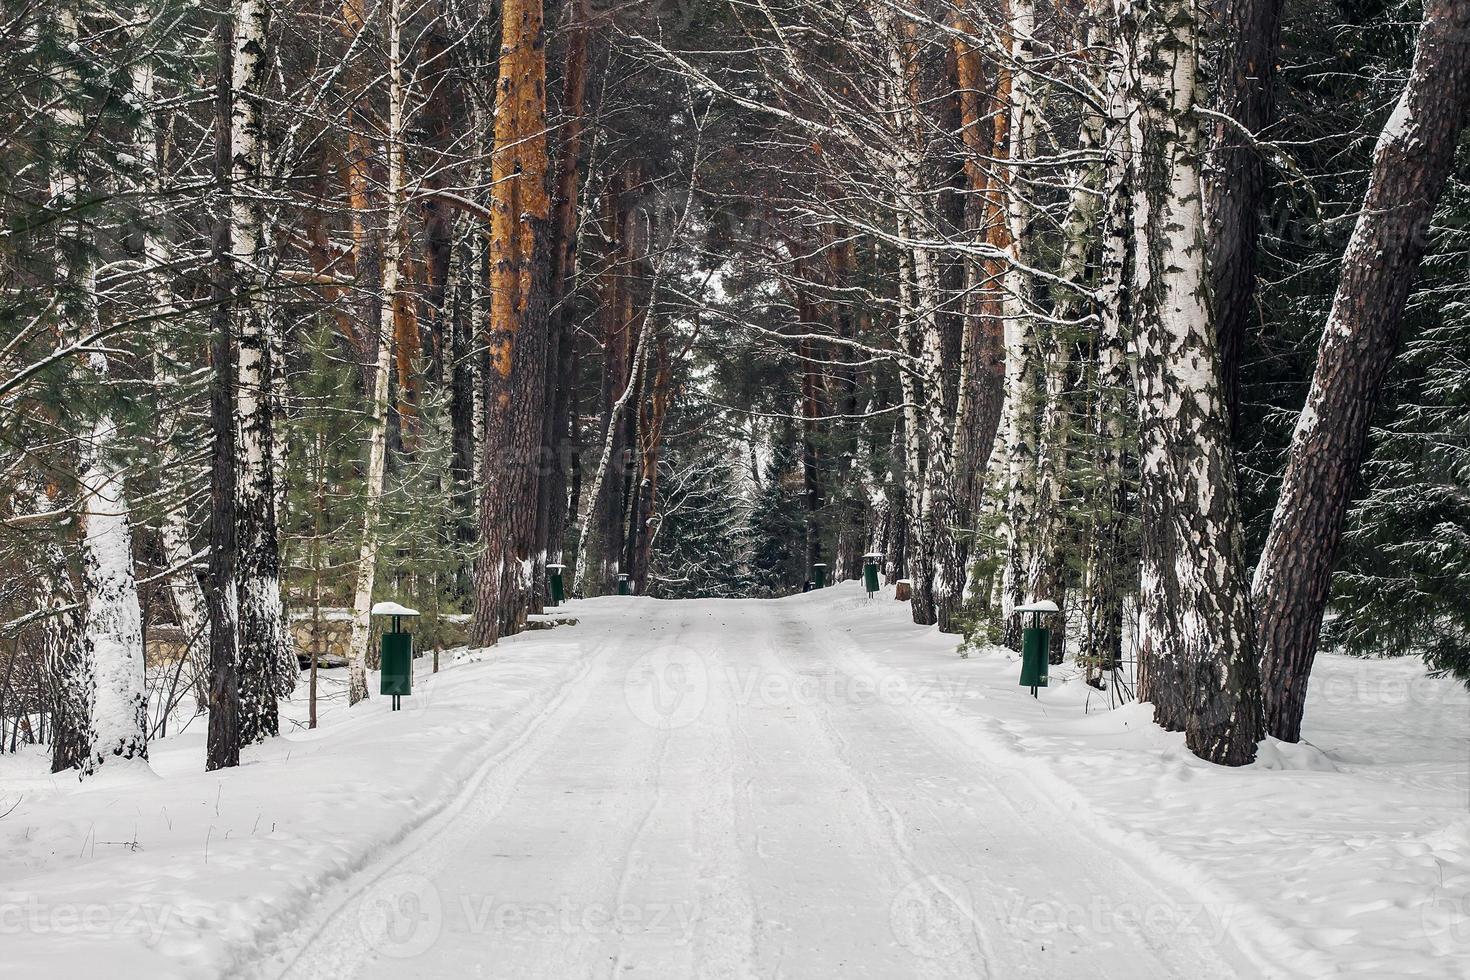 inverno no parque polenovo foto